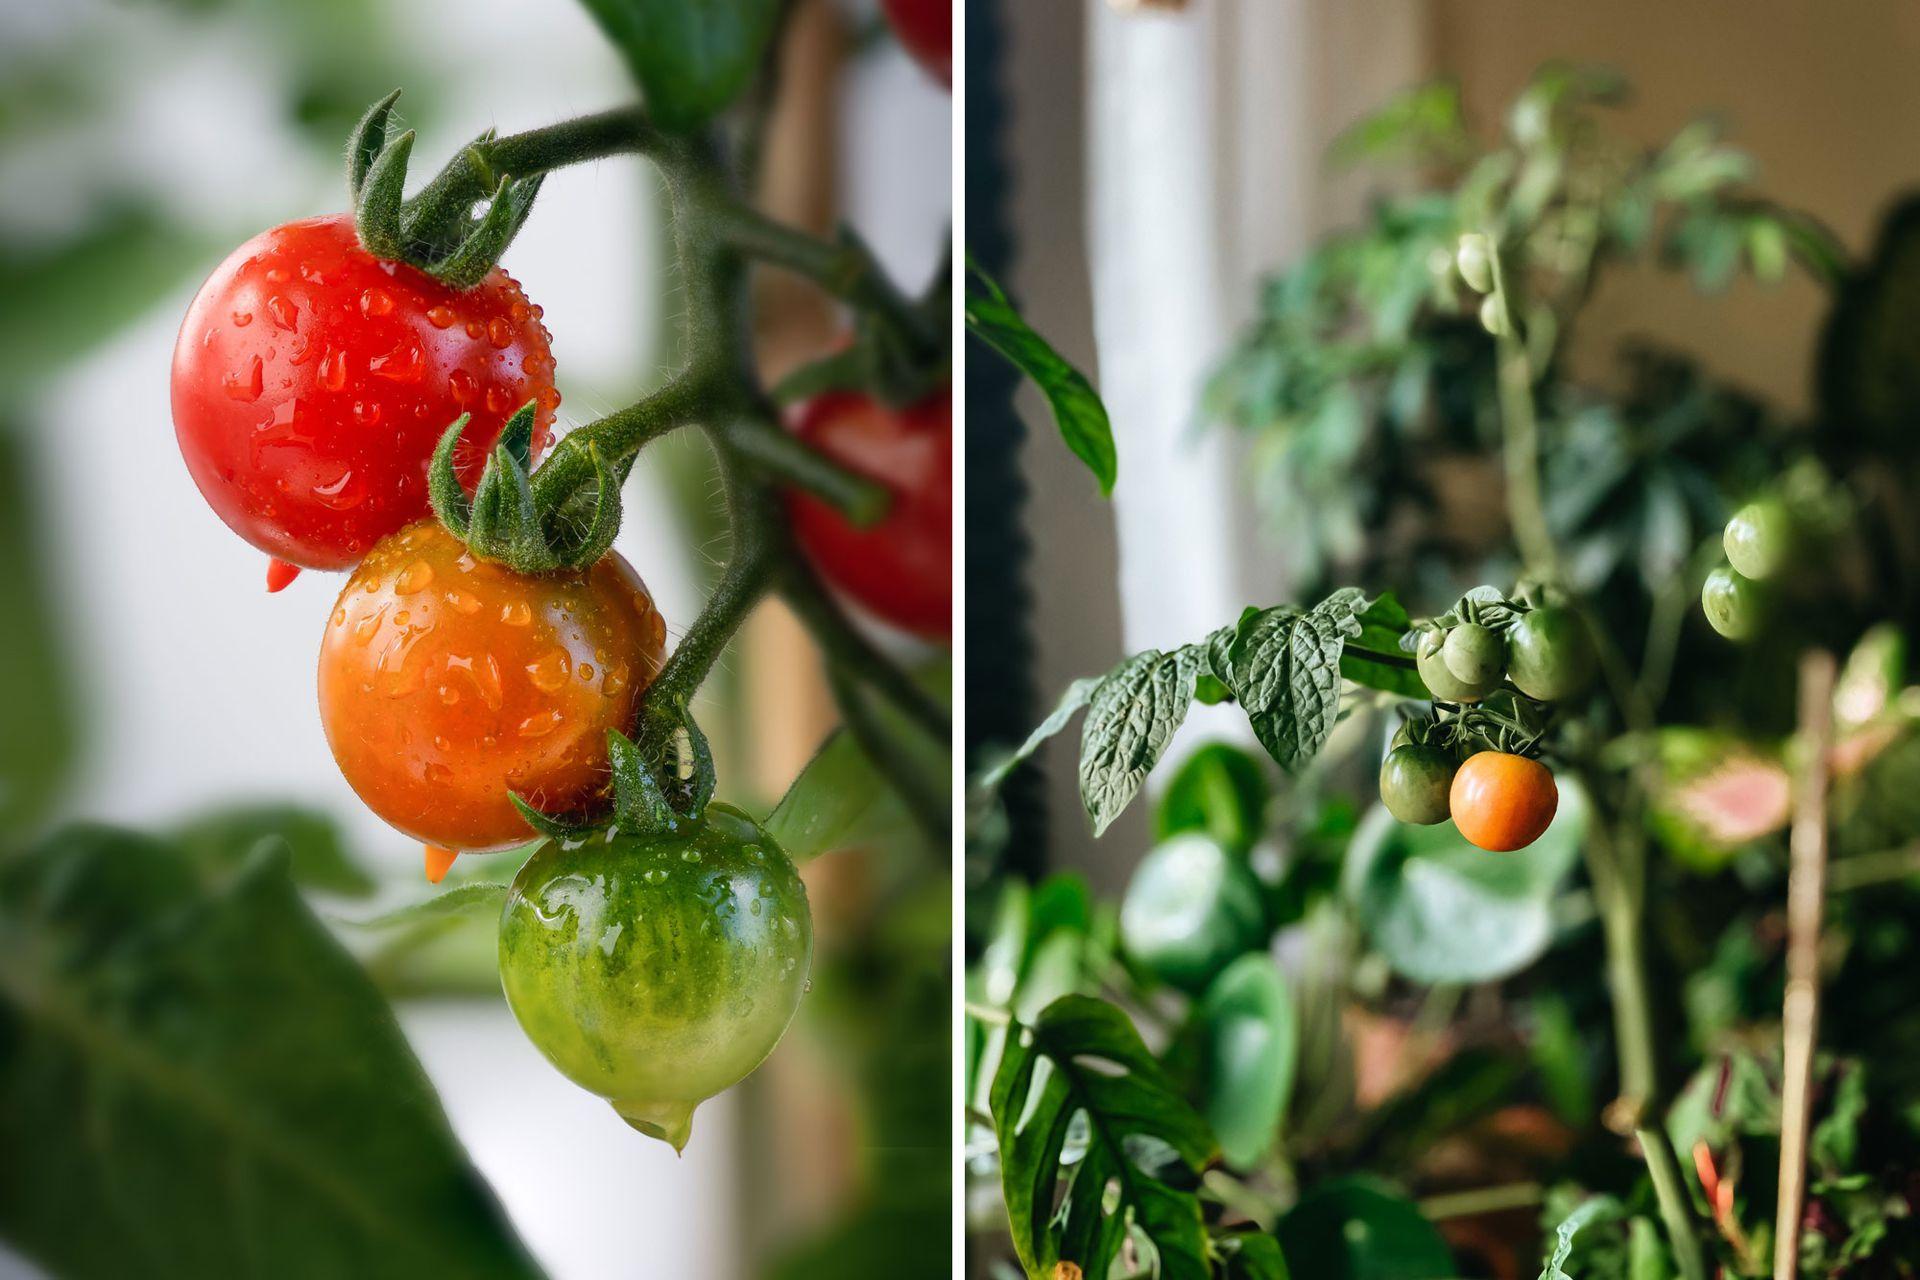 Los tomates cherry son ideales para cultivar en macetas porque su desarrollo es más compacto que otras variedades de tomate.